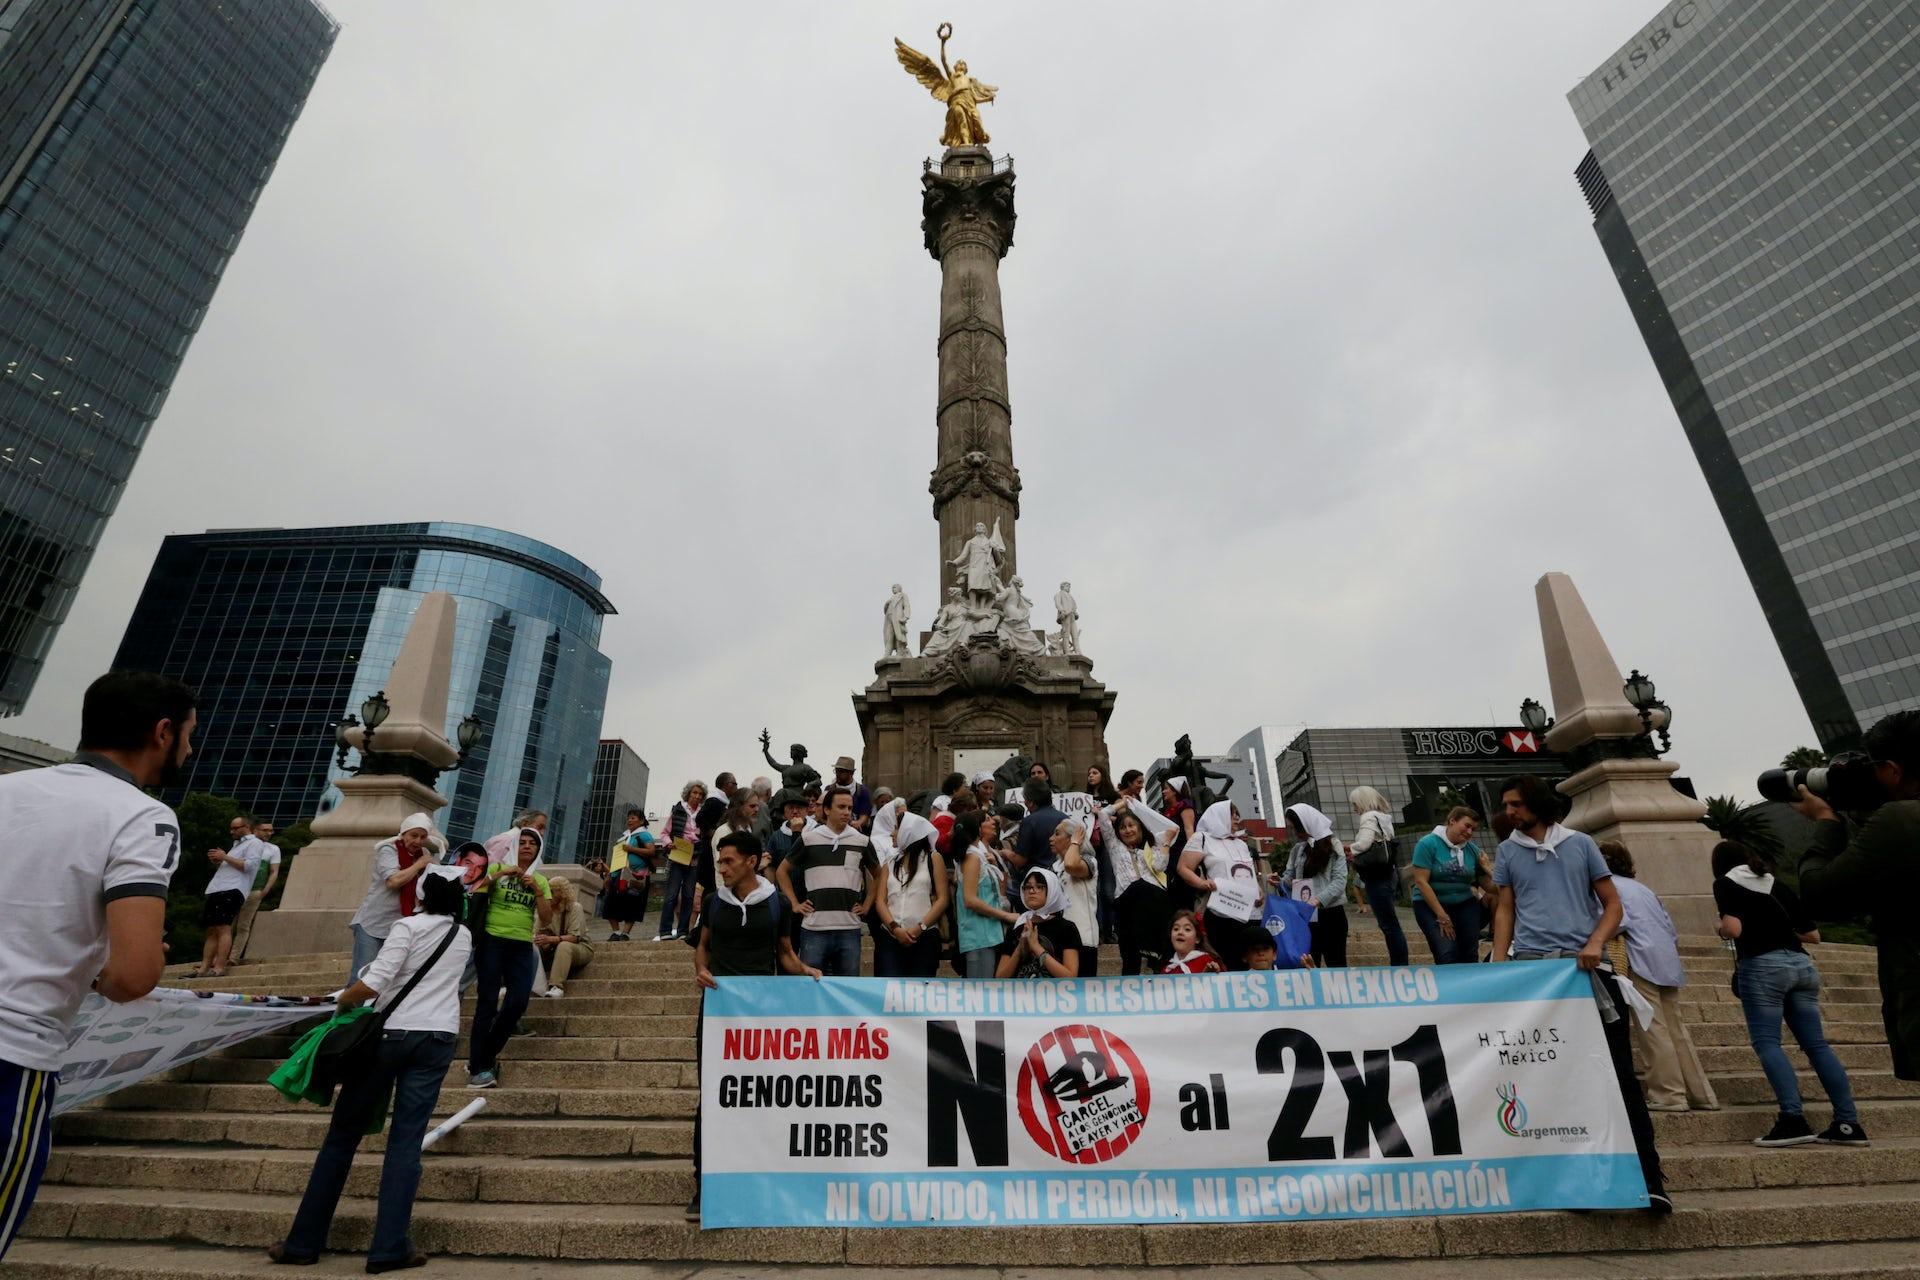 Furia en Argentina despues del juicio que da indulto a un criminal de la Guerra Sucia